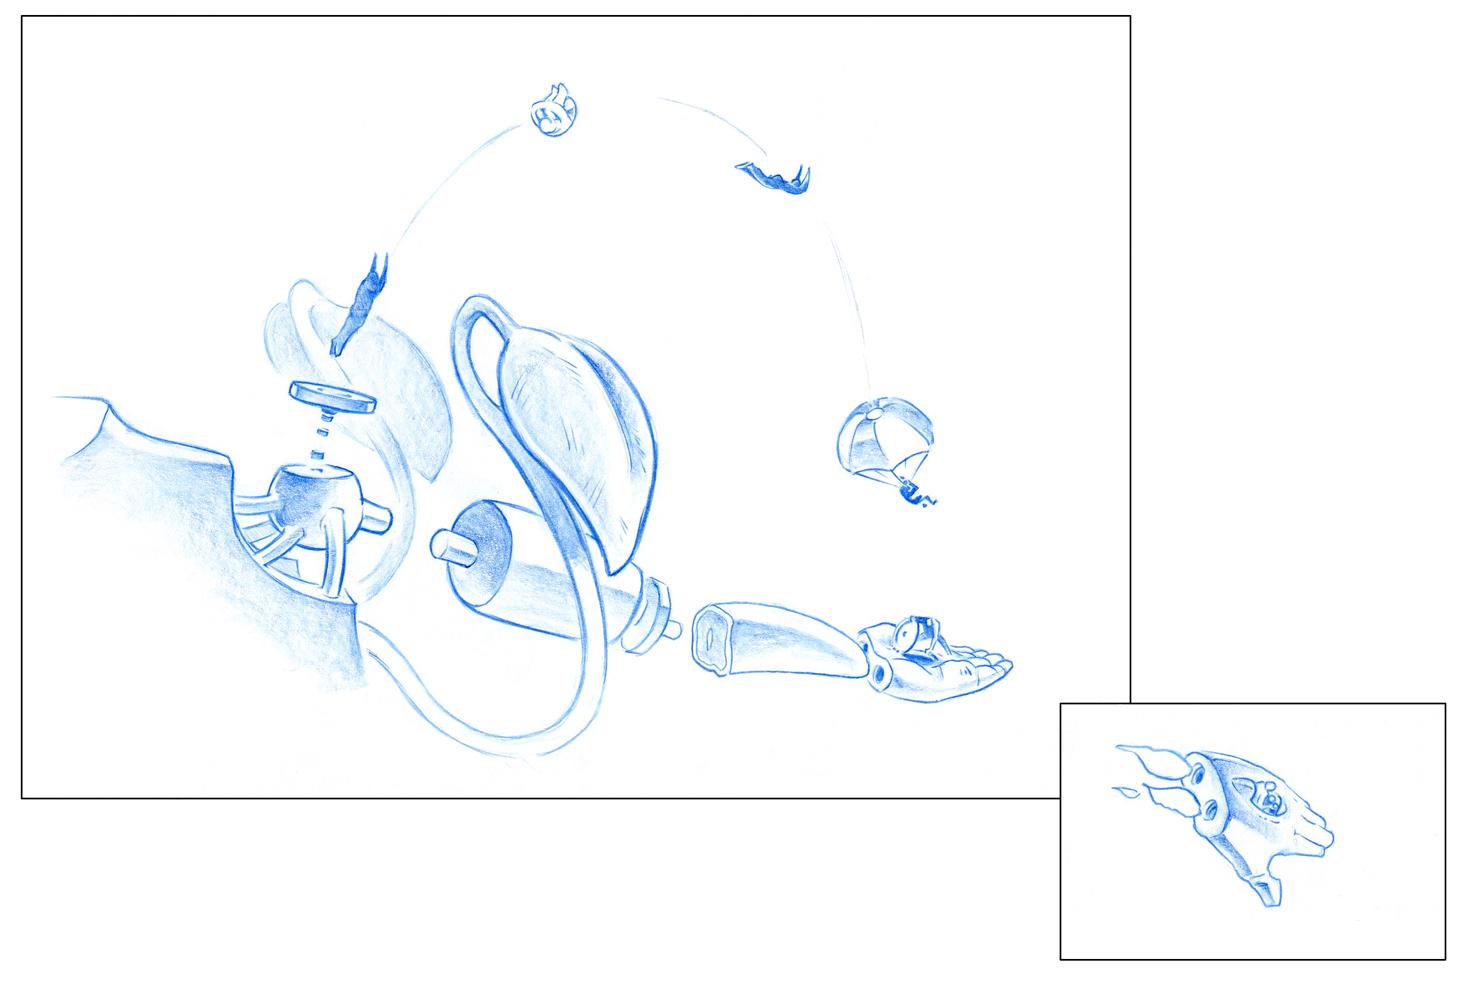 sprite-springboard-for-web.jpg